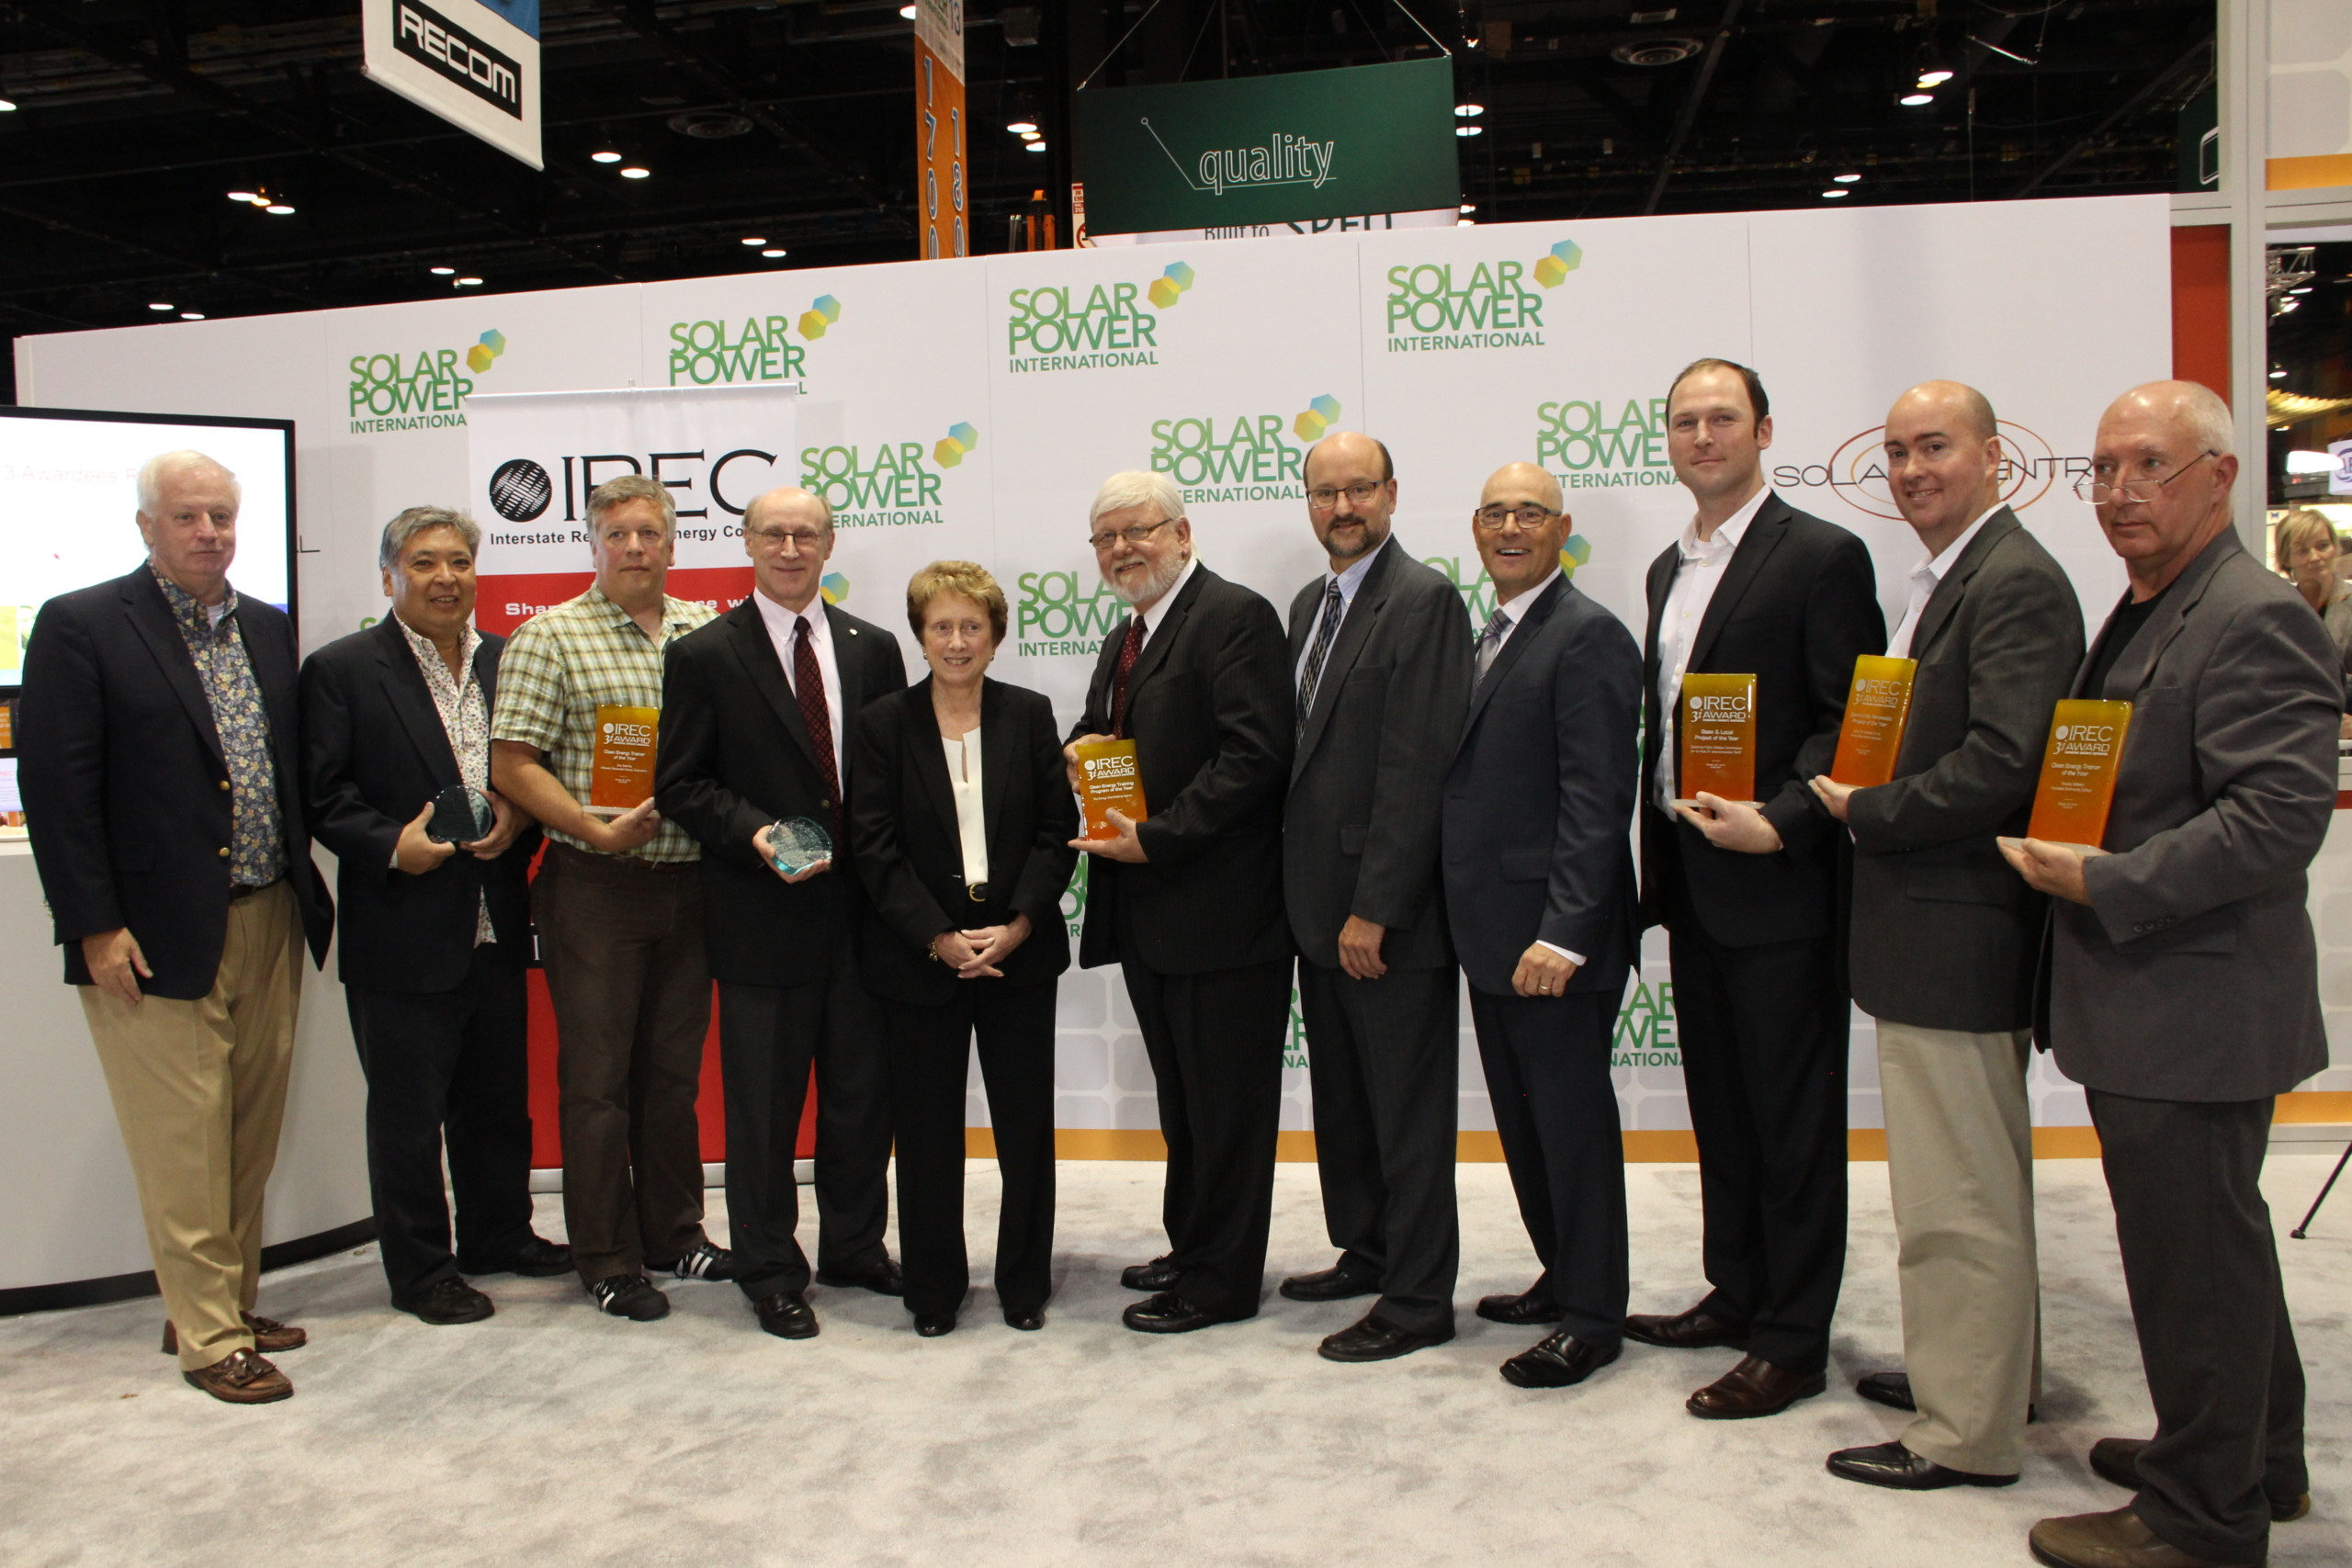 2013 IREC 3iAward Winners